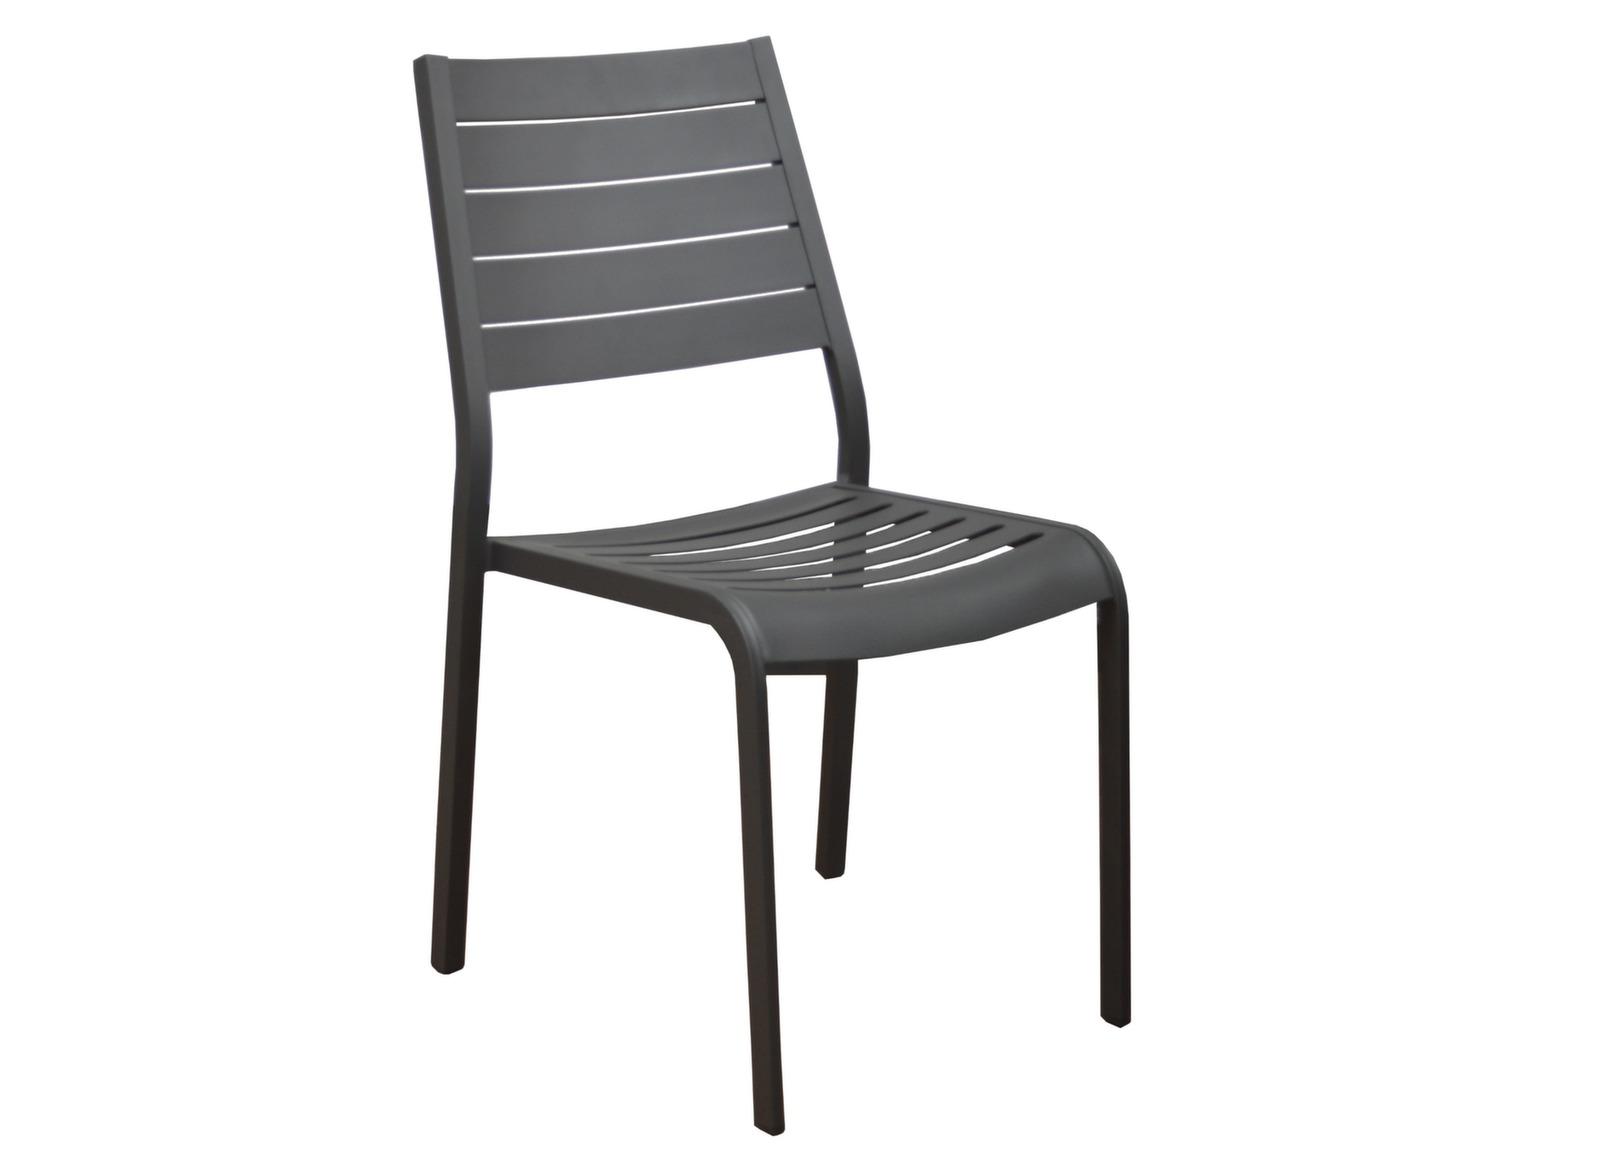 Chaise de jardin aluminium flower mobilier de jardin - Mobilier unique avis ...